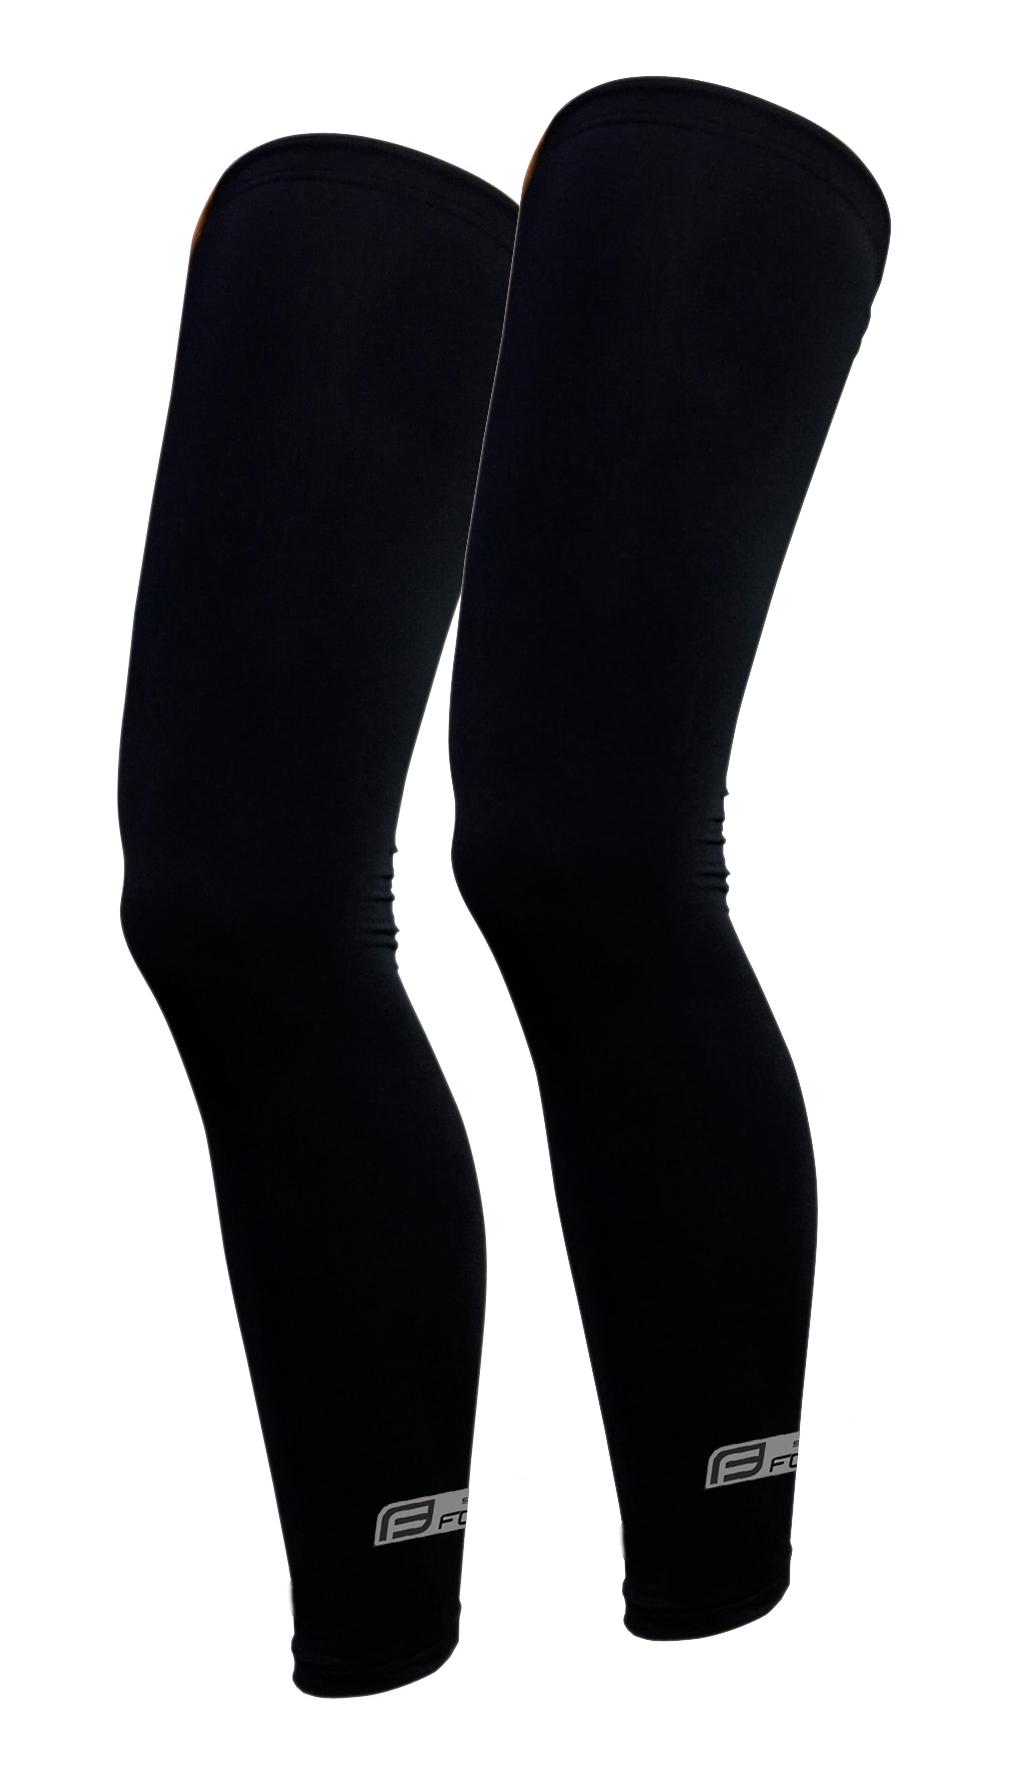 návleky na nohy FORCE RACE, lepené, černé M